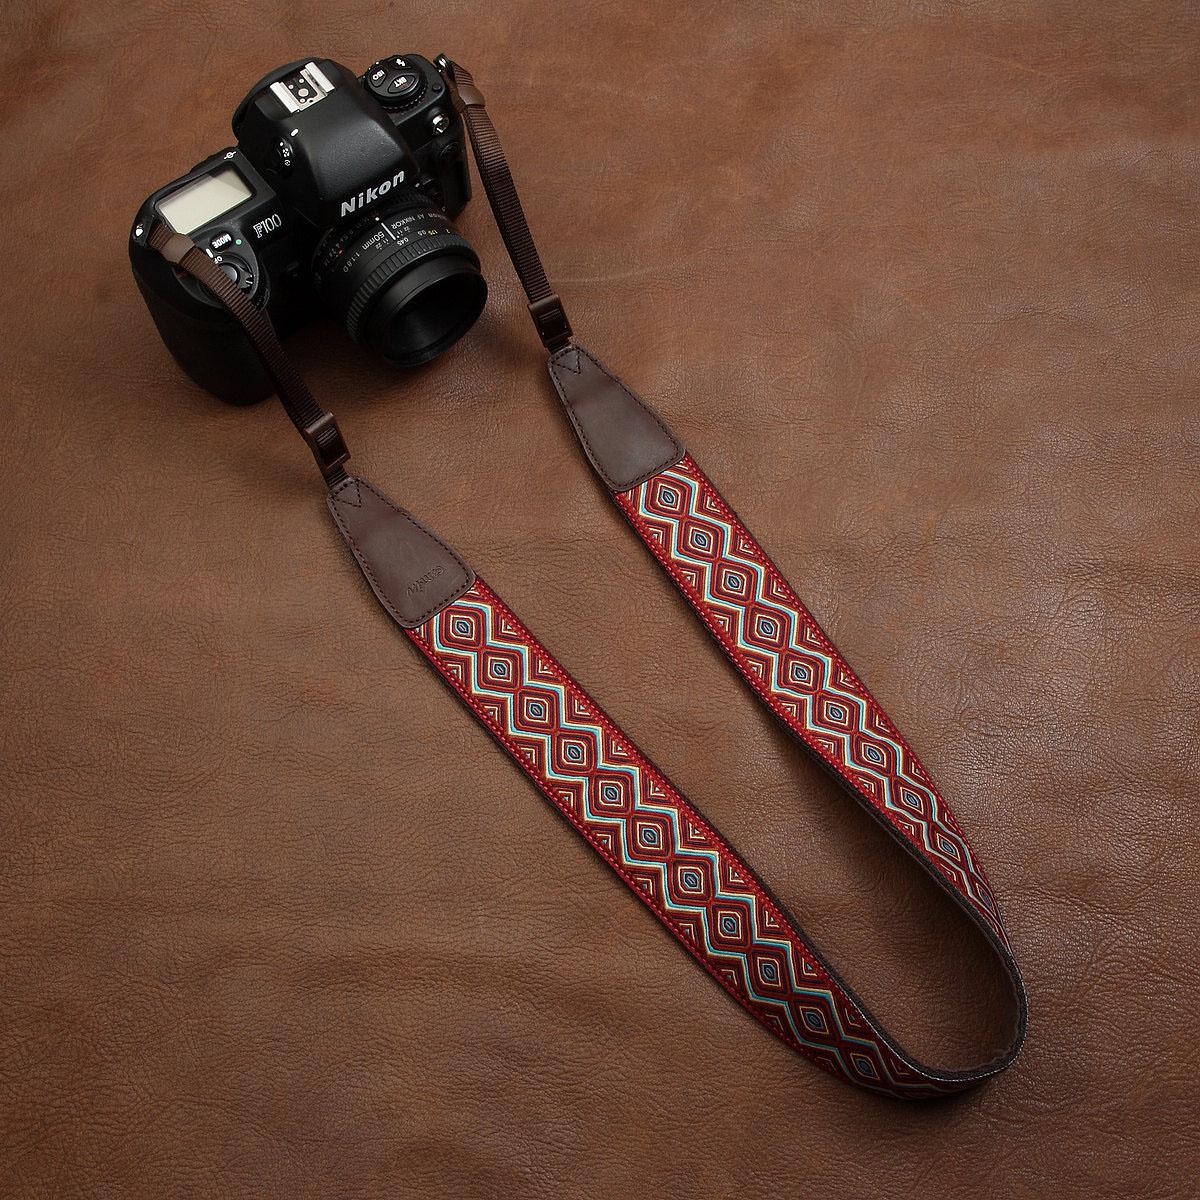 cam-in thêu phong cách dân tộc retro văn học DSLR Canon máy ảnh kỹ thuật số dây đeo micro đơn dây đeo vai cam7416 - Phụ kiện máy ảnh DSLR / đơn